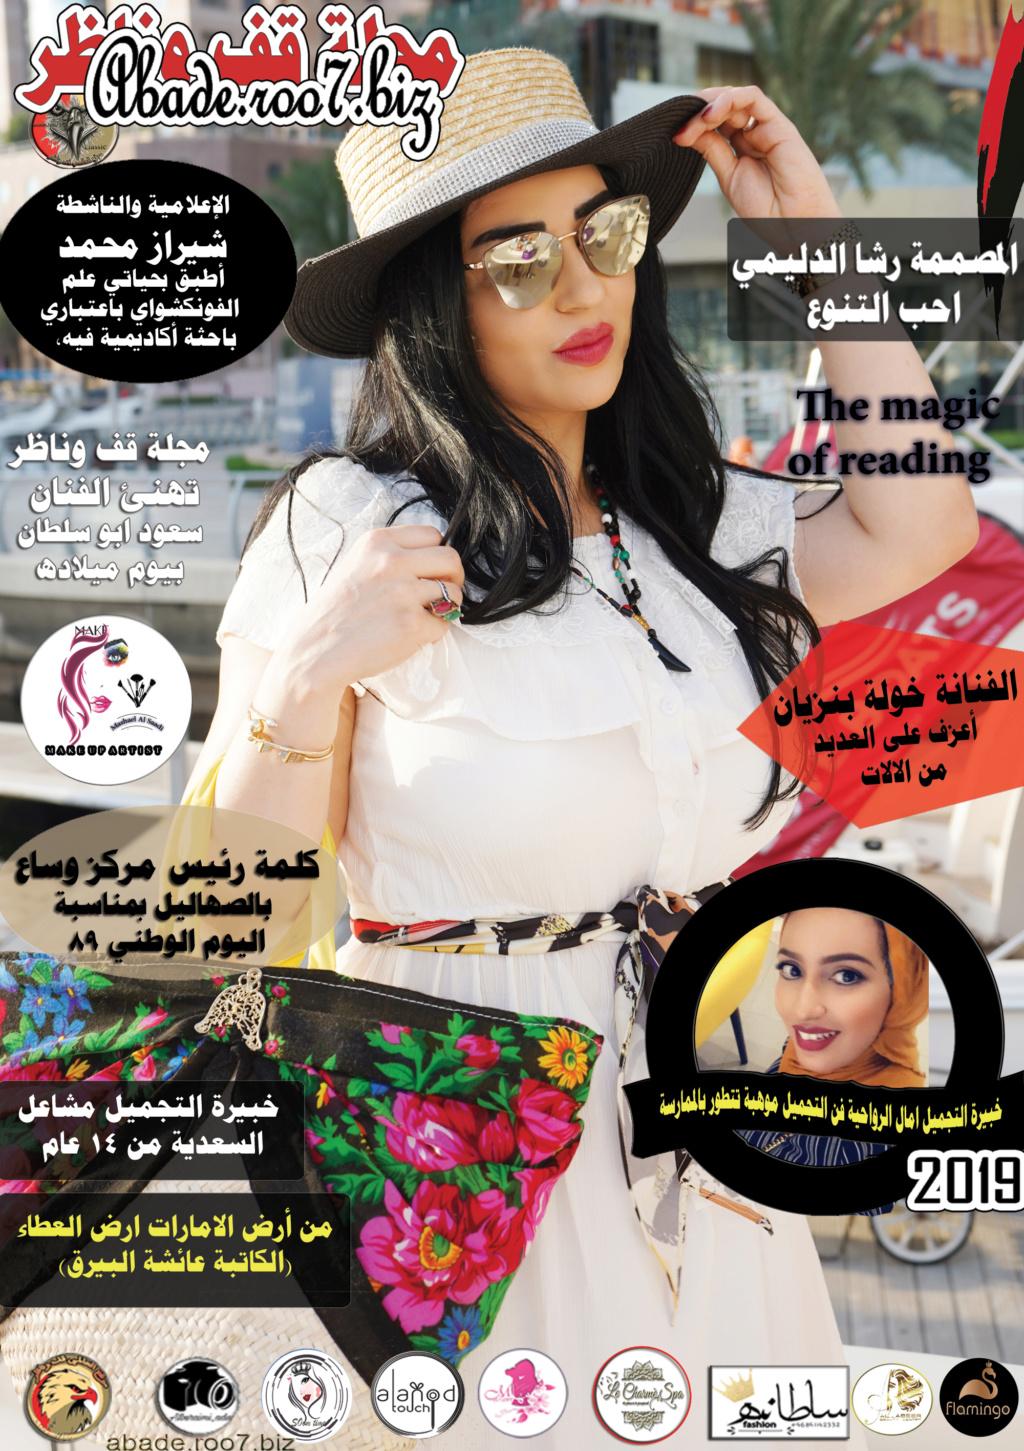 أخبار نجوم الفن والمشاهير  من المصدرمباشر نجمة العدد الناشطة والإعلامية شيراز محمد O011